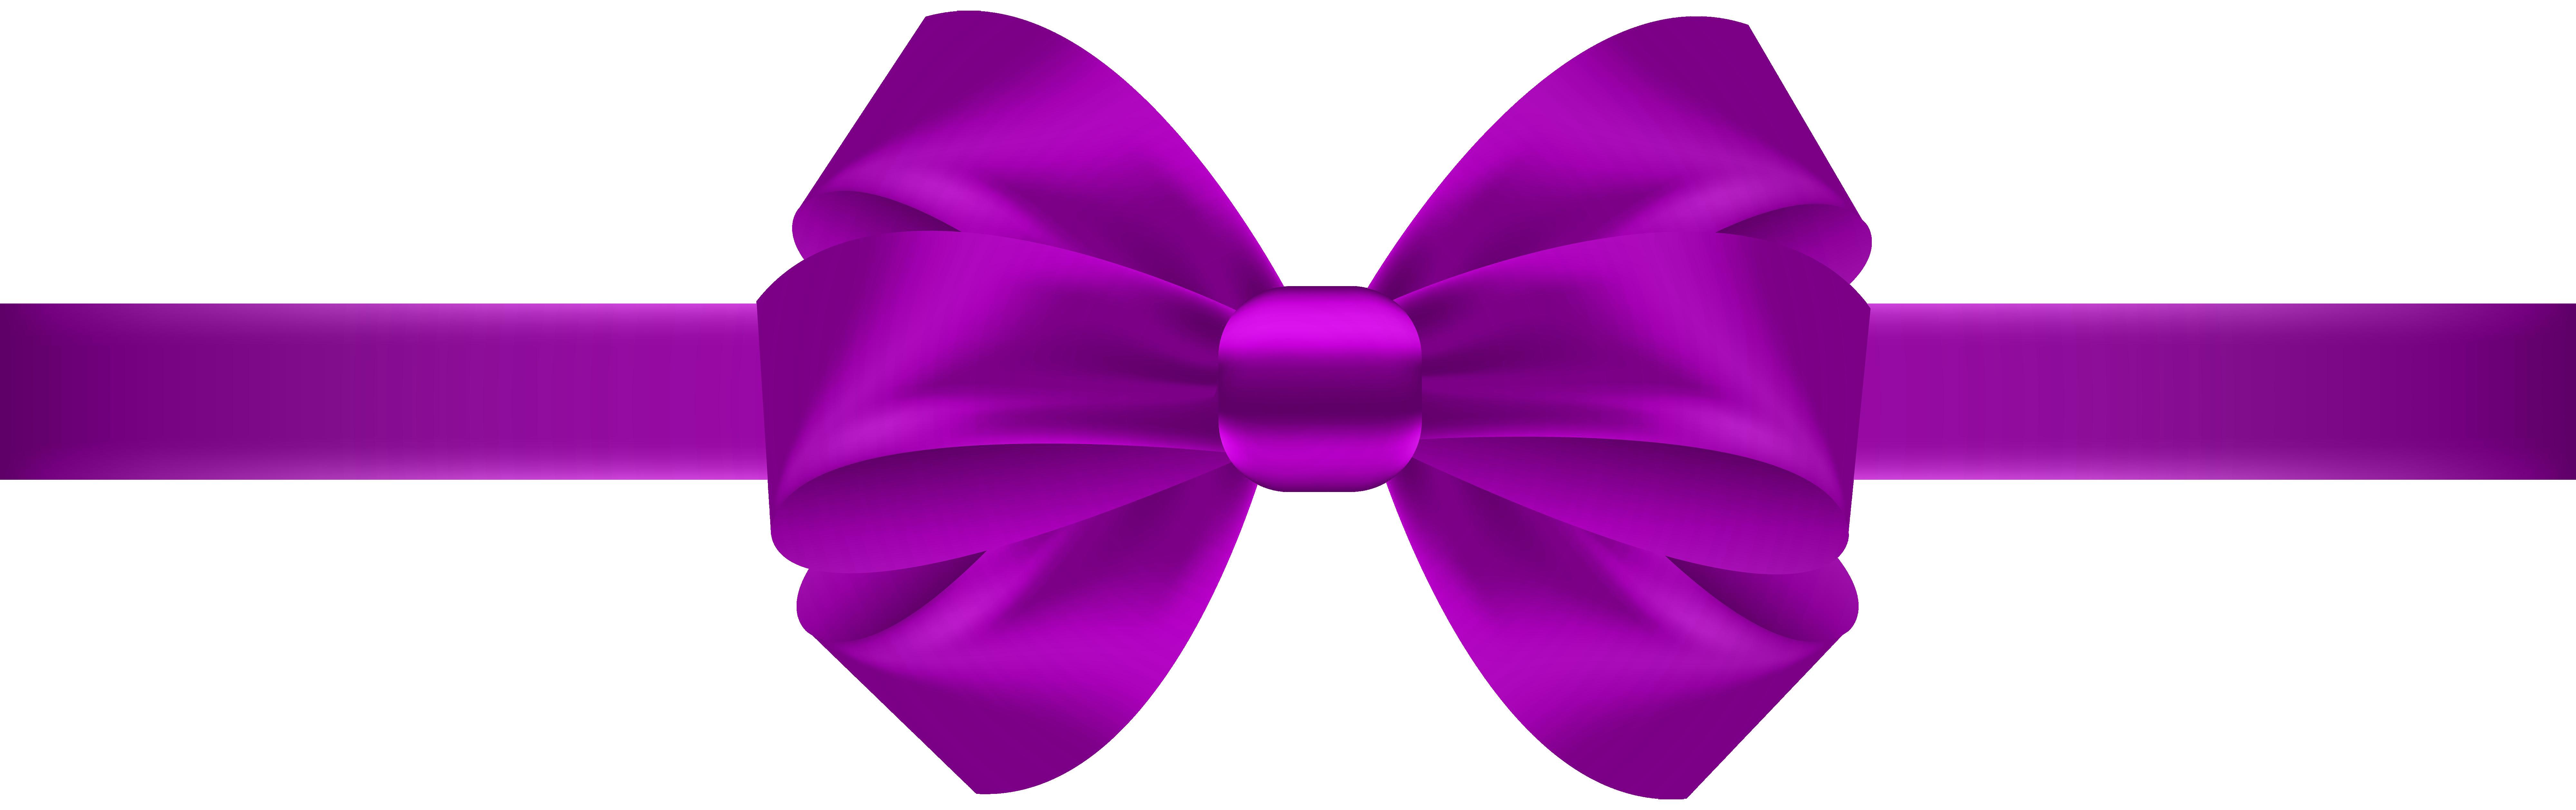 8000x2514 Purple Ribbon Clipart